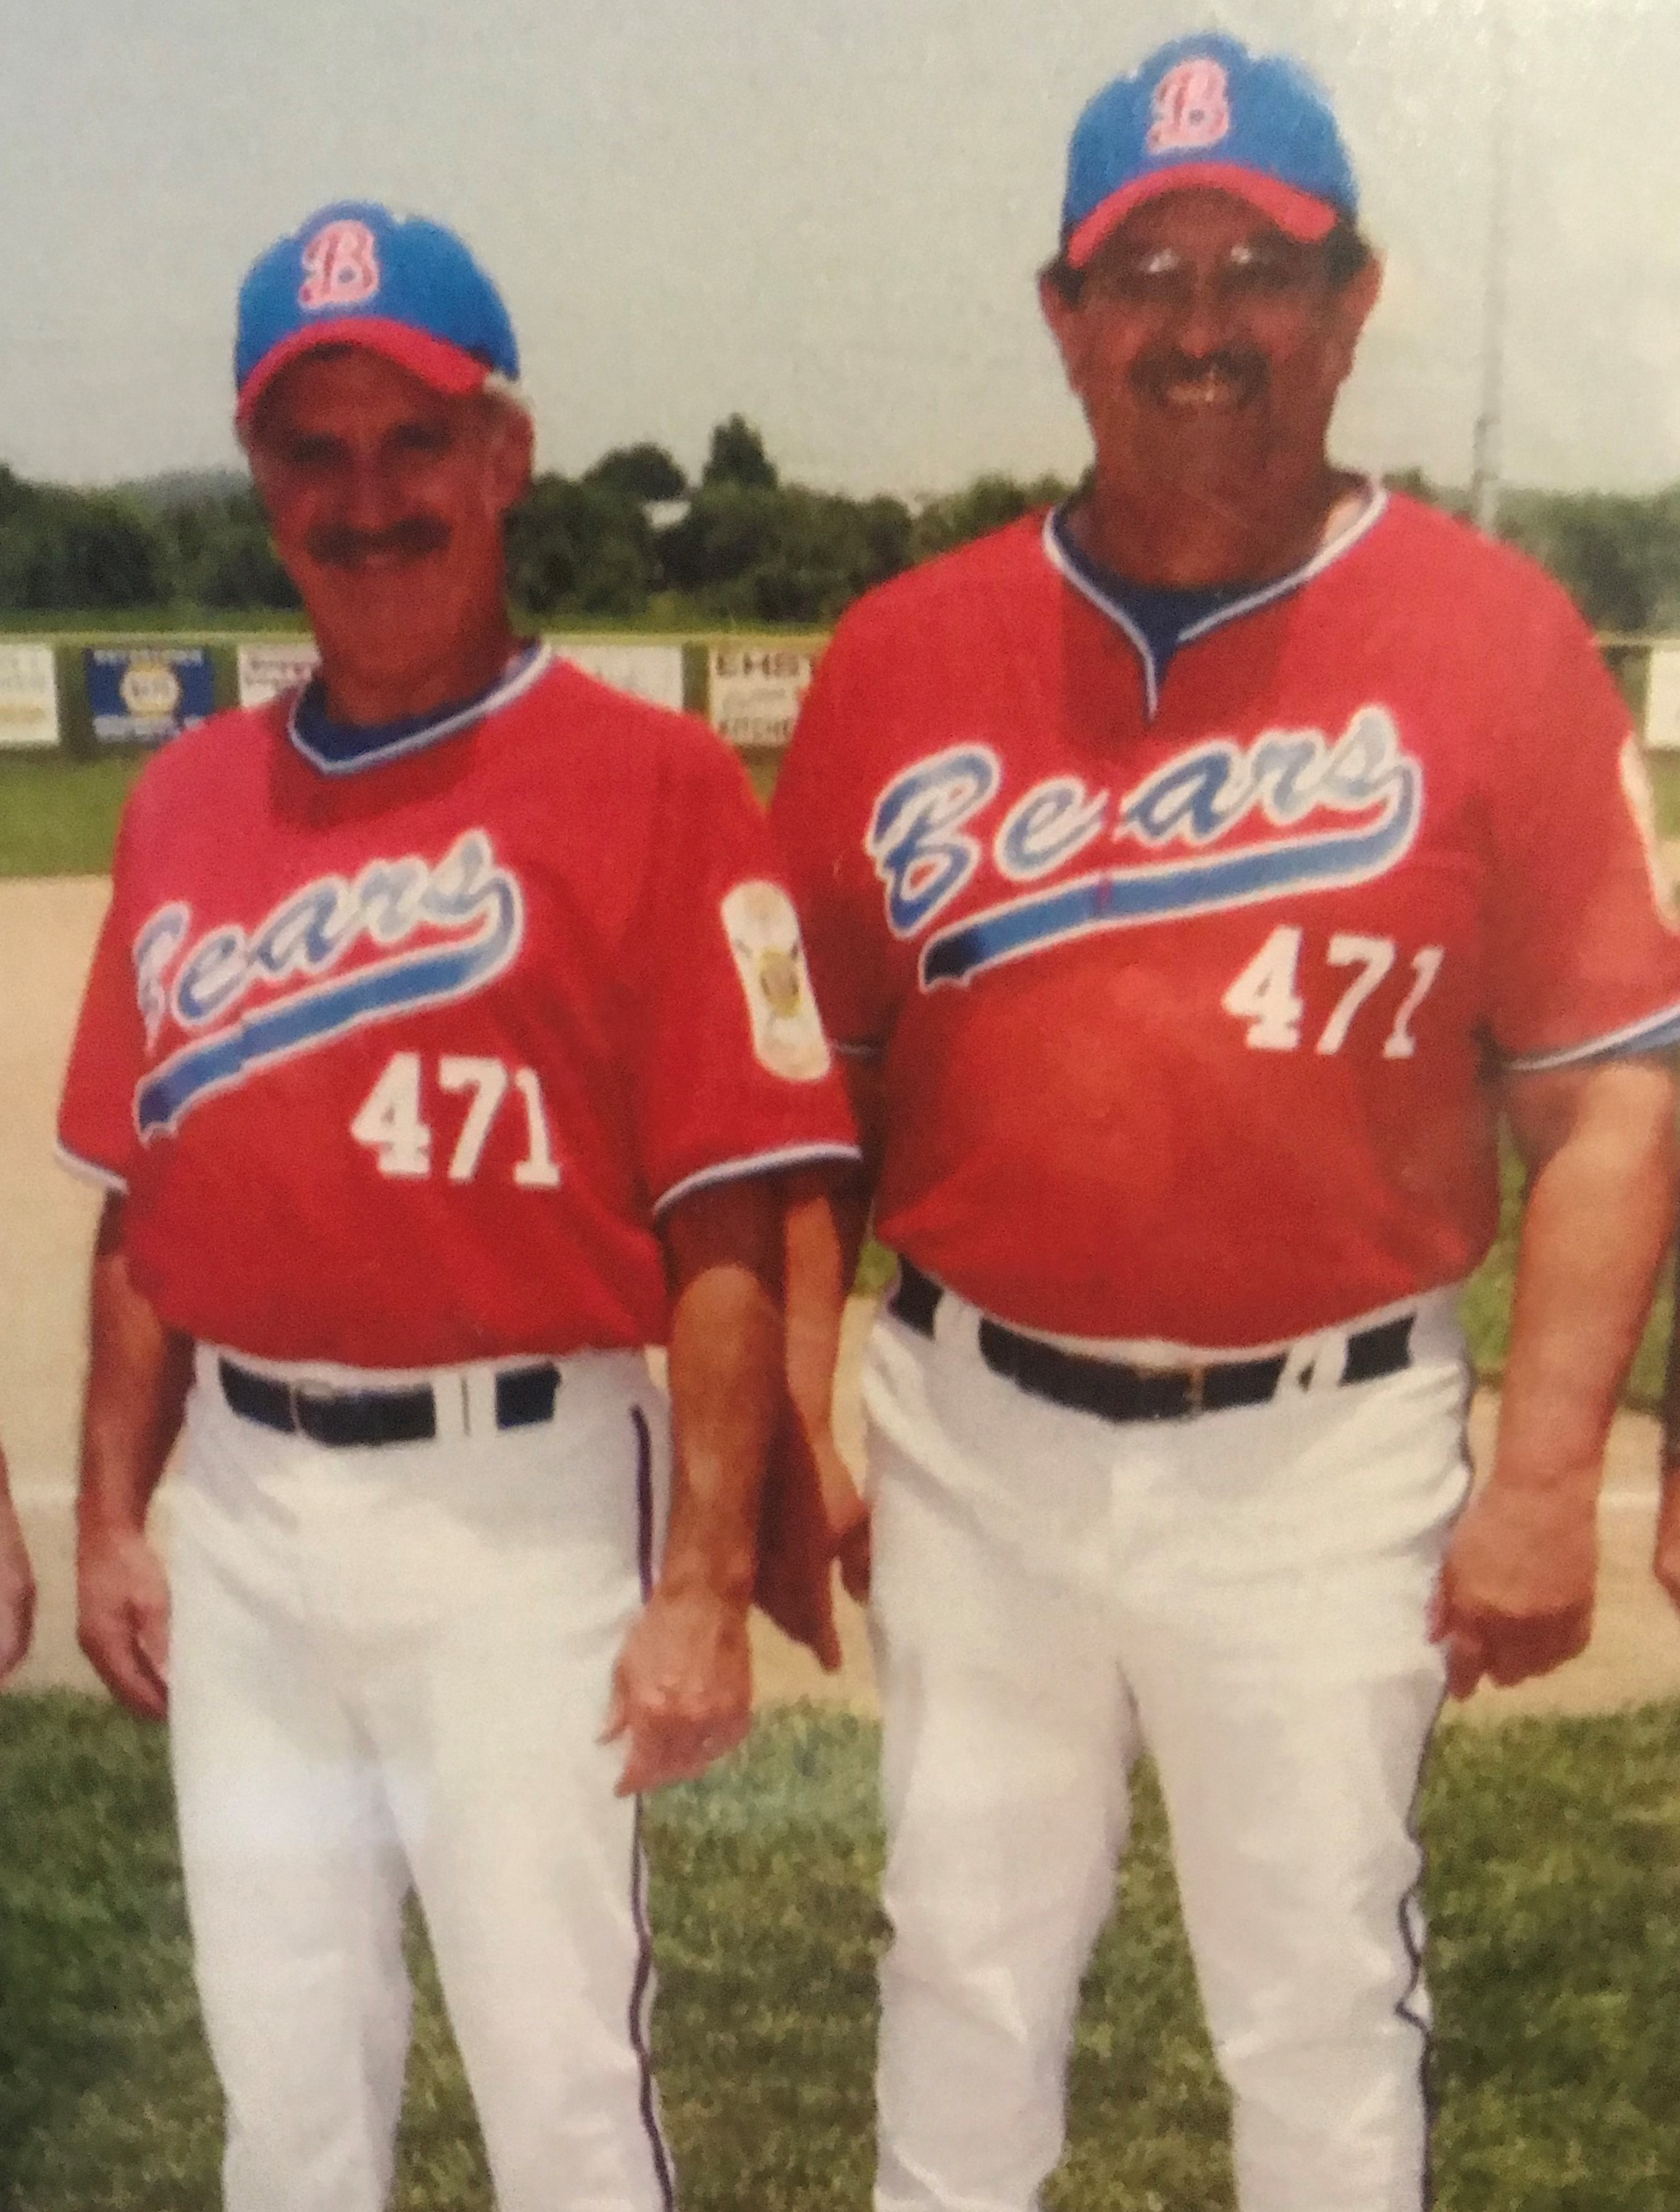 Rick and Craig